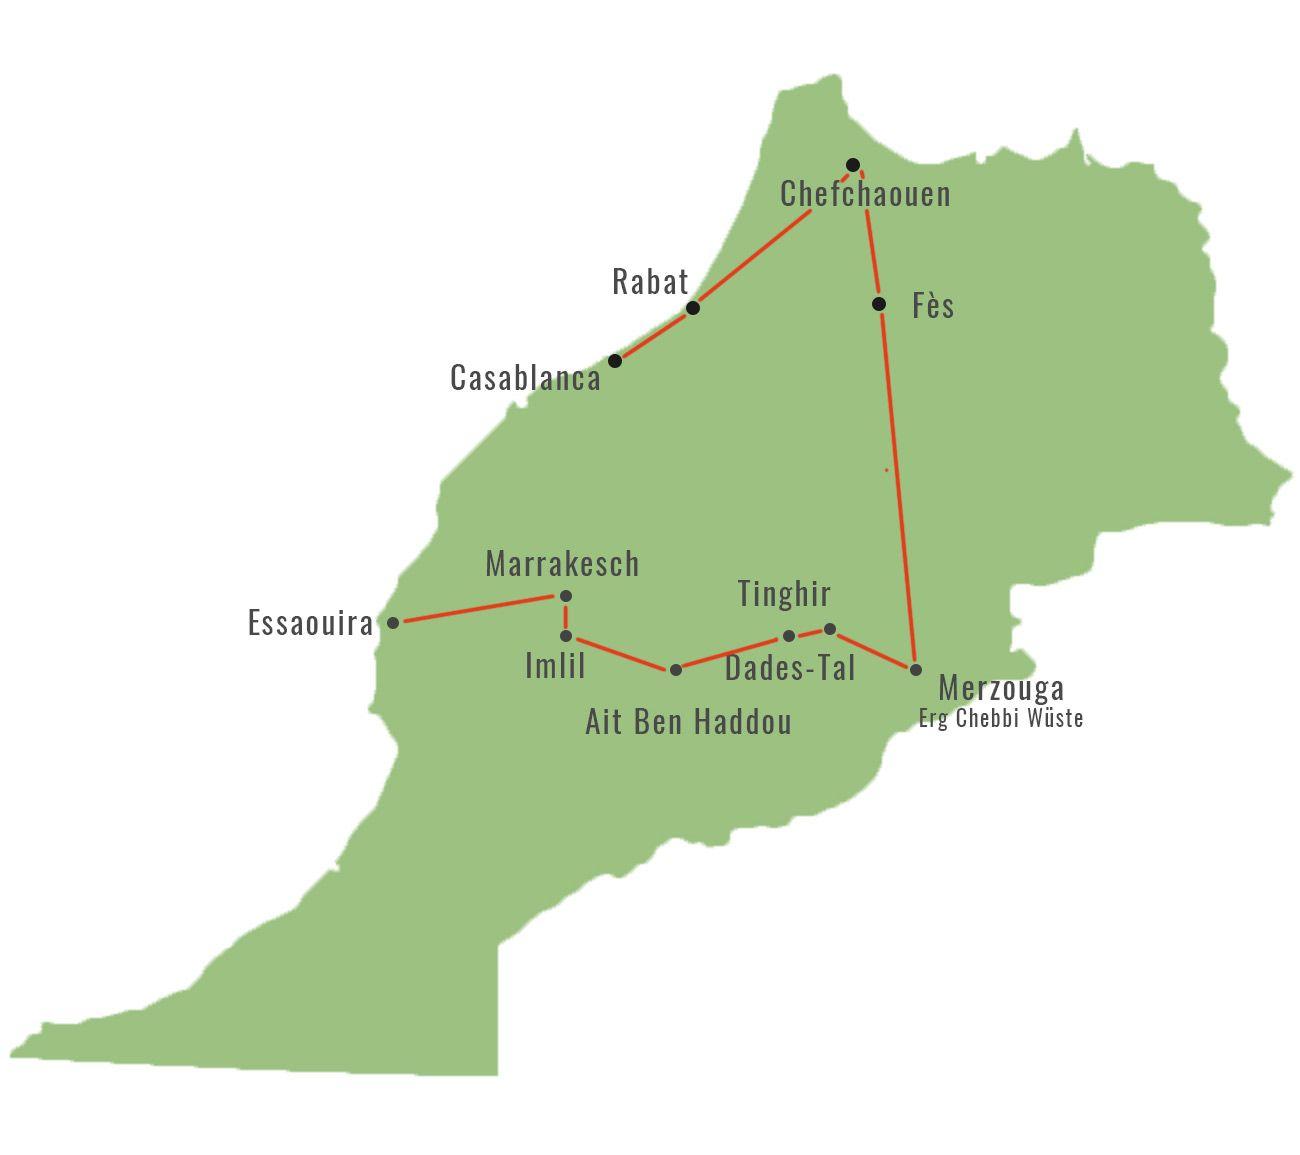 Marokko Individuell Bereisen Reiseroute Fur 2 Wochen Likeontravel In 2020 Marokko Reisen Marokko Rundreise Marokko